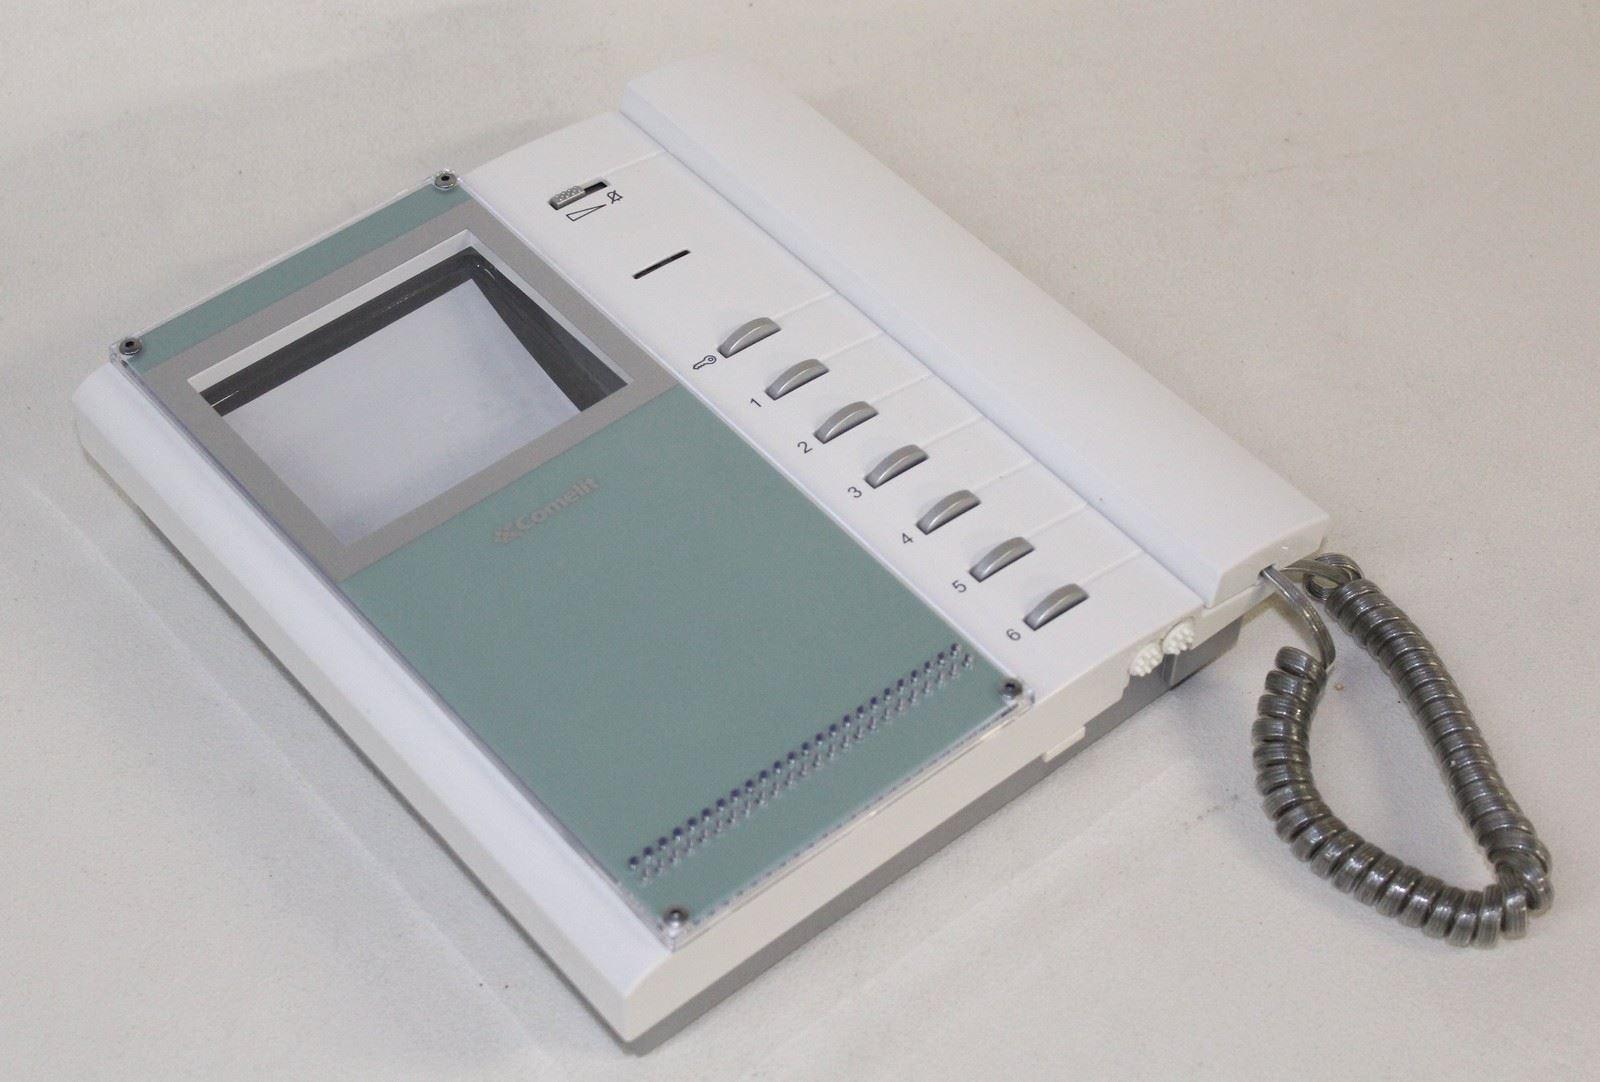 Comelit bravo 5702 video phone door entry system intercom for Door entry handset